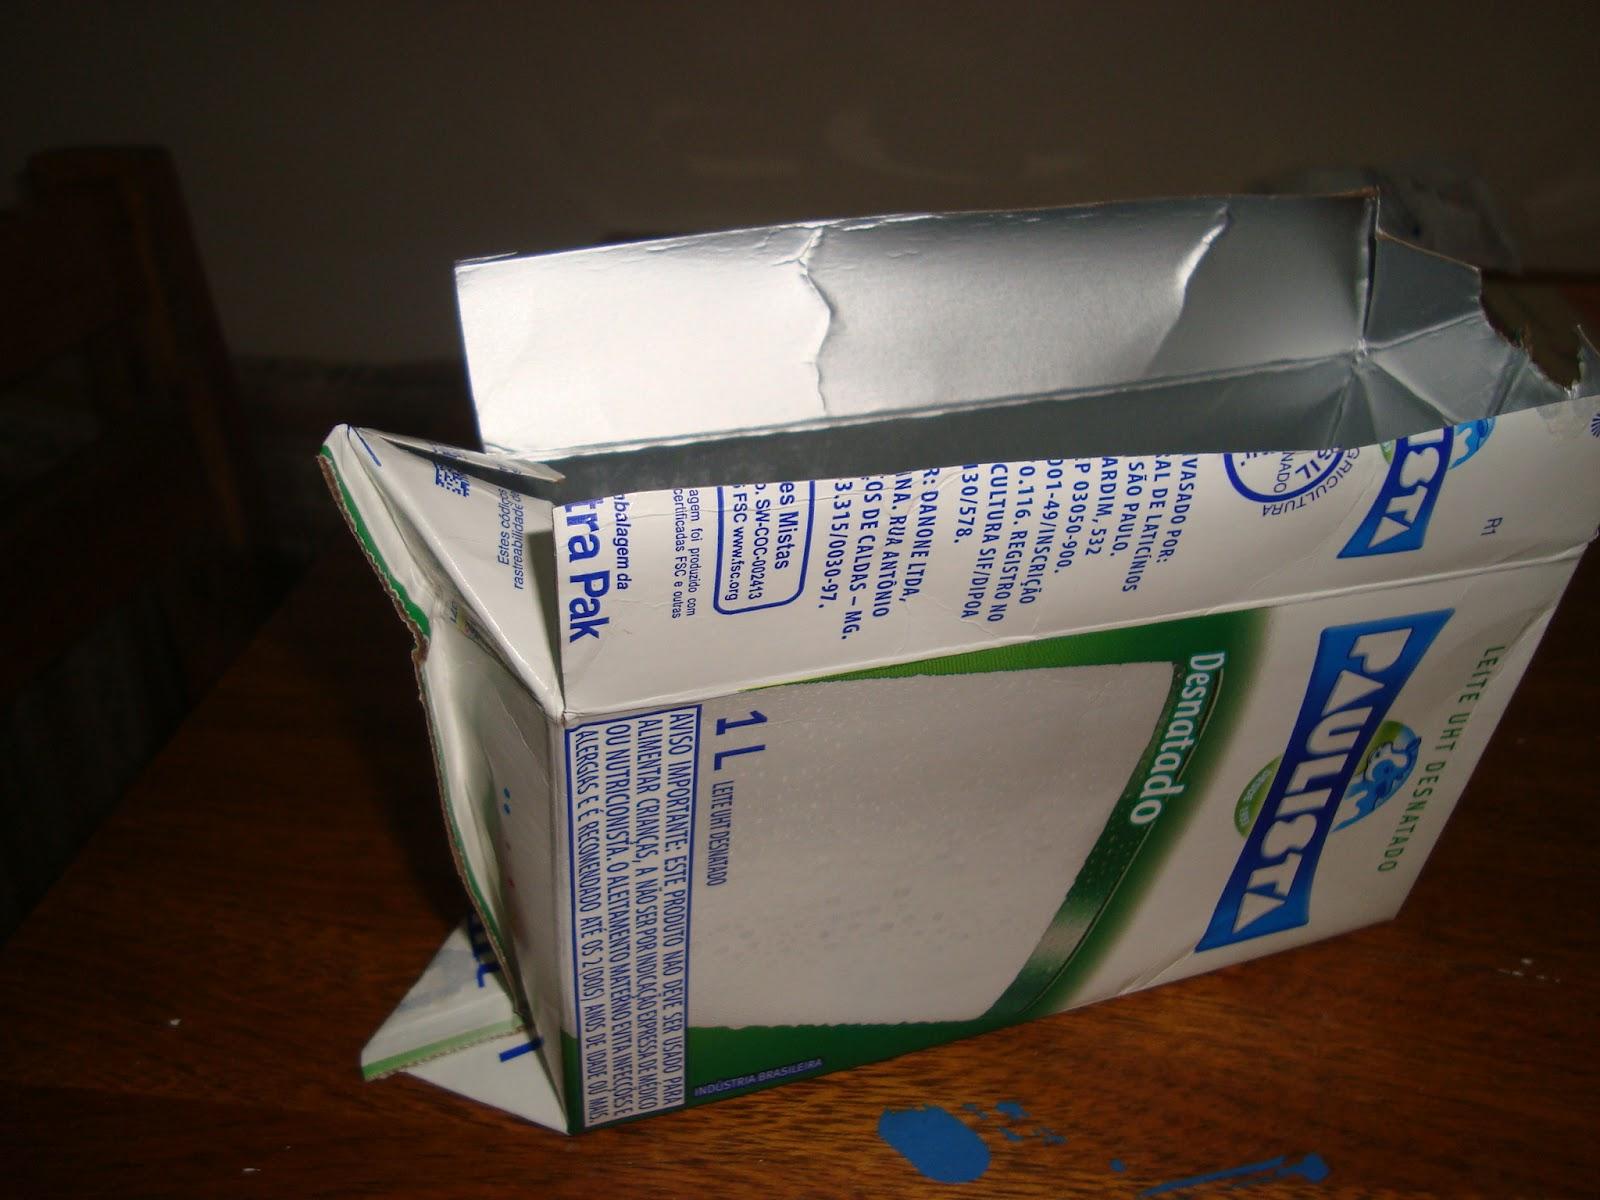 Bolsa De Festa De Caixa De Leite Passo A Passo : Kika villa artes bolsa com caixa de leite